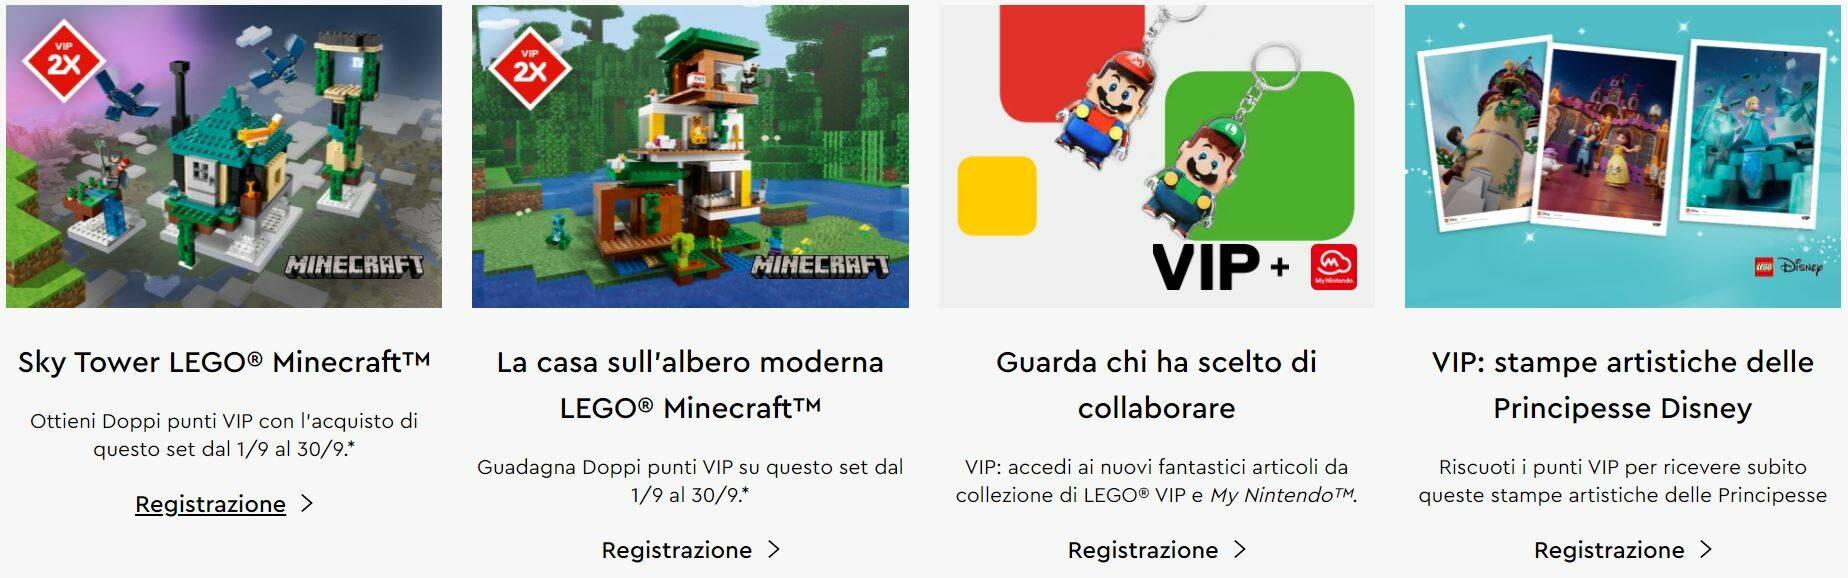 LEGO VIP - settembre 2021